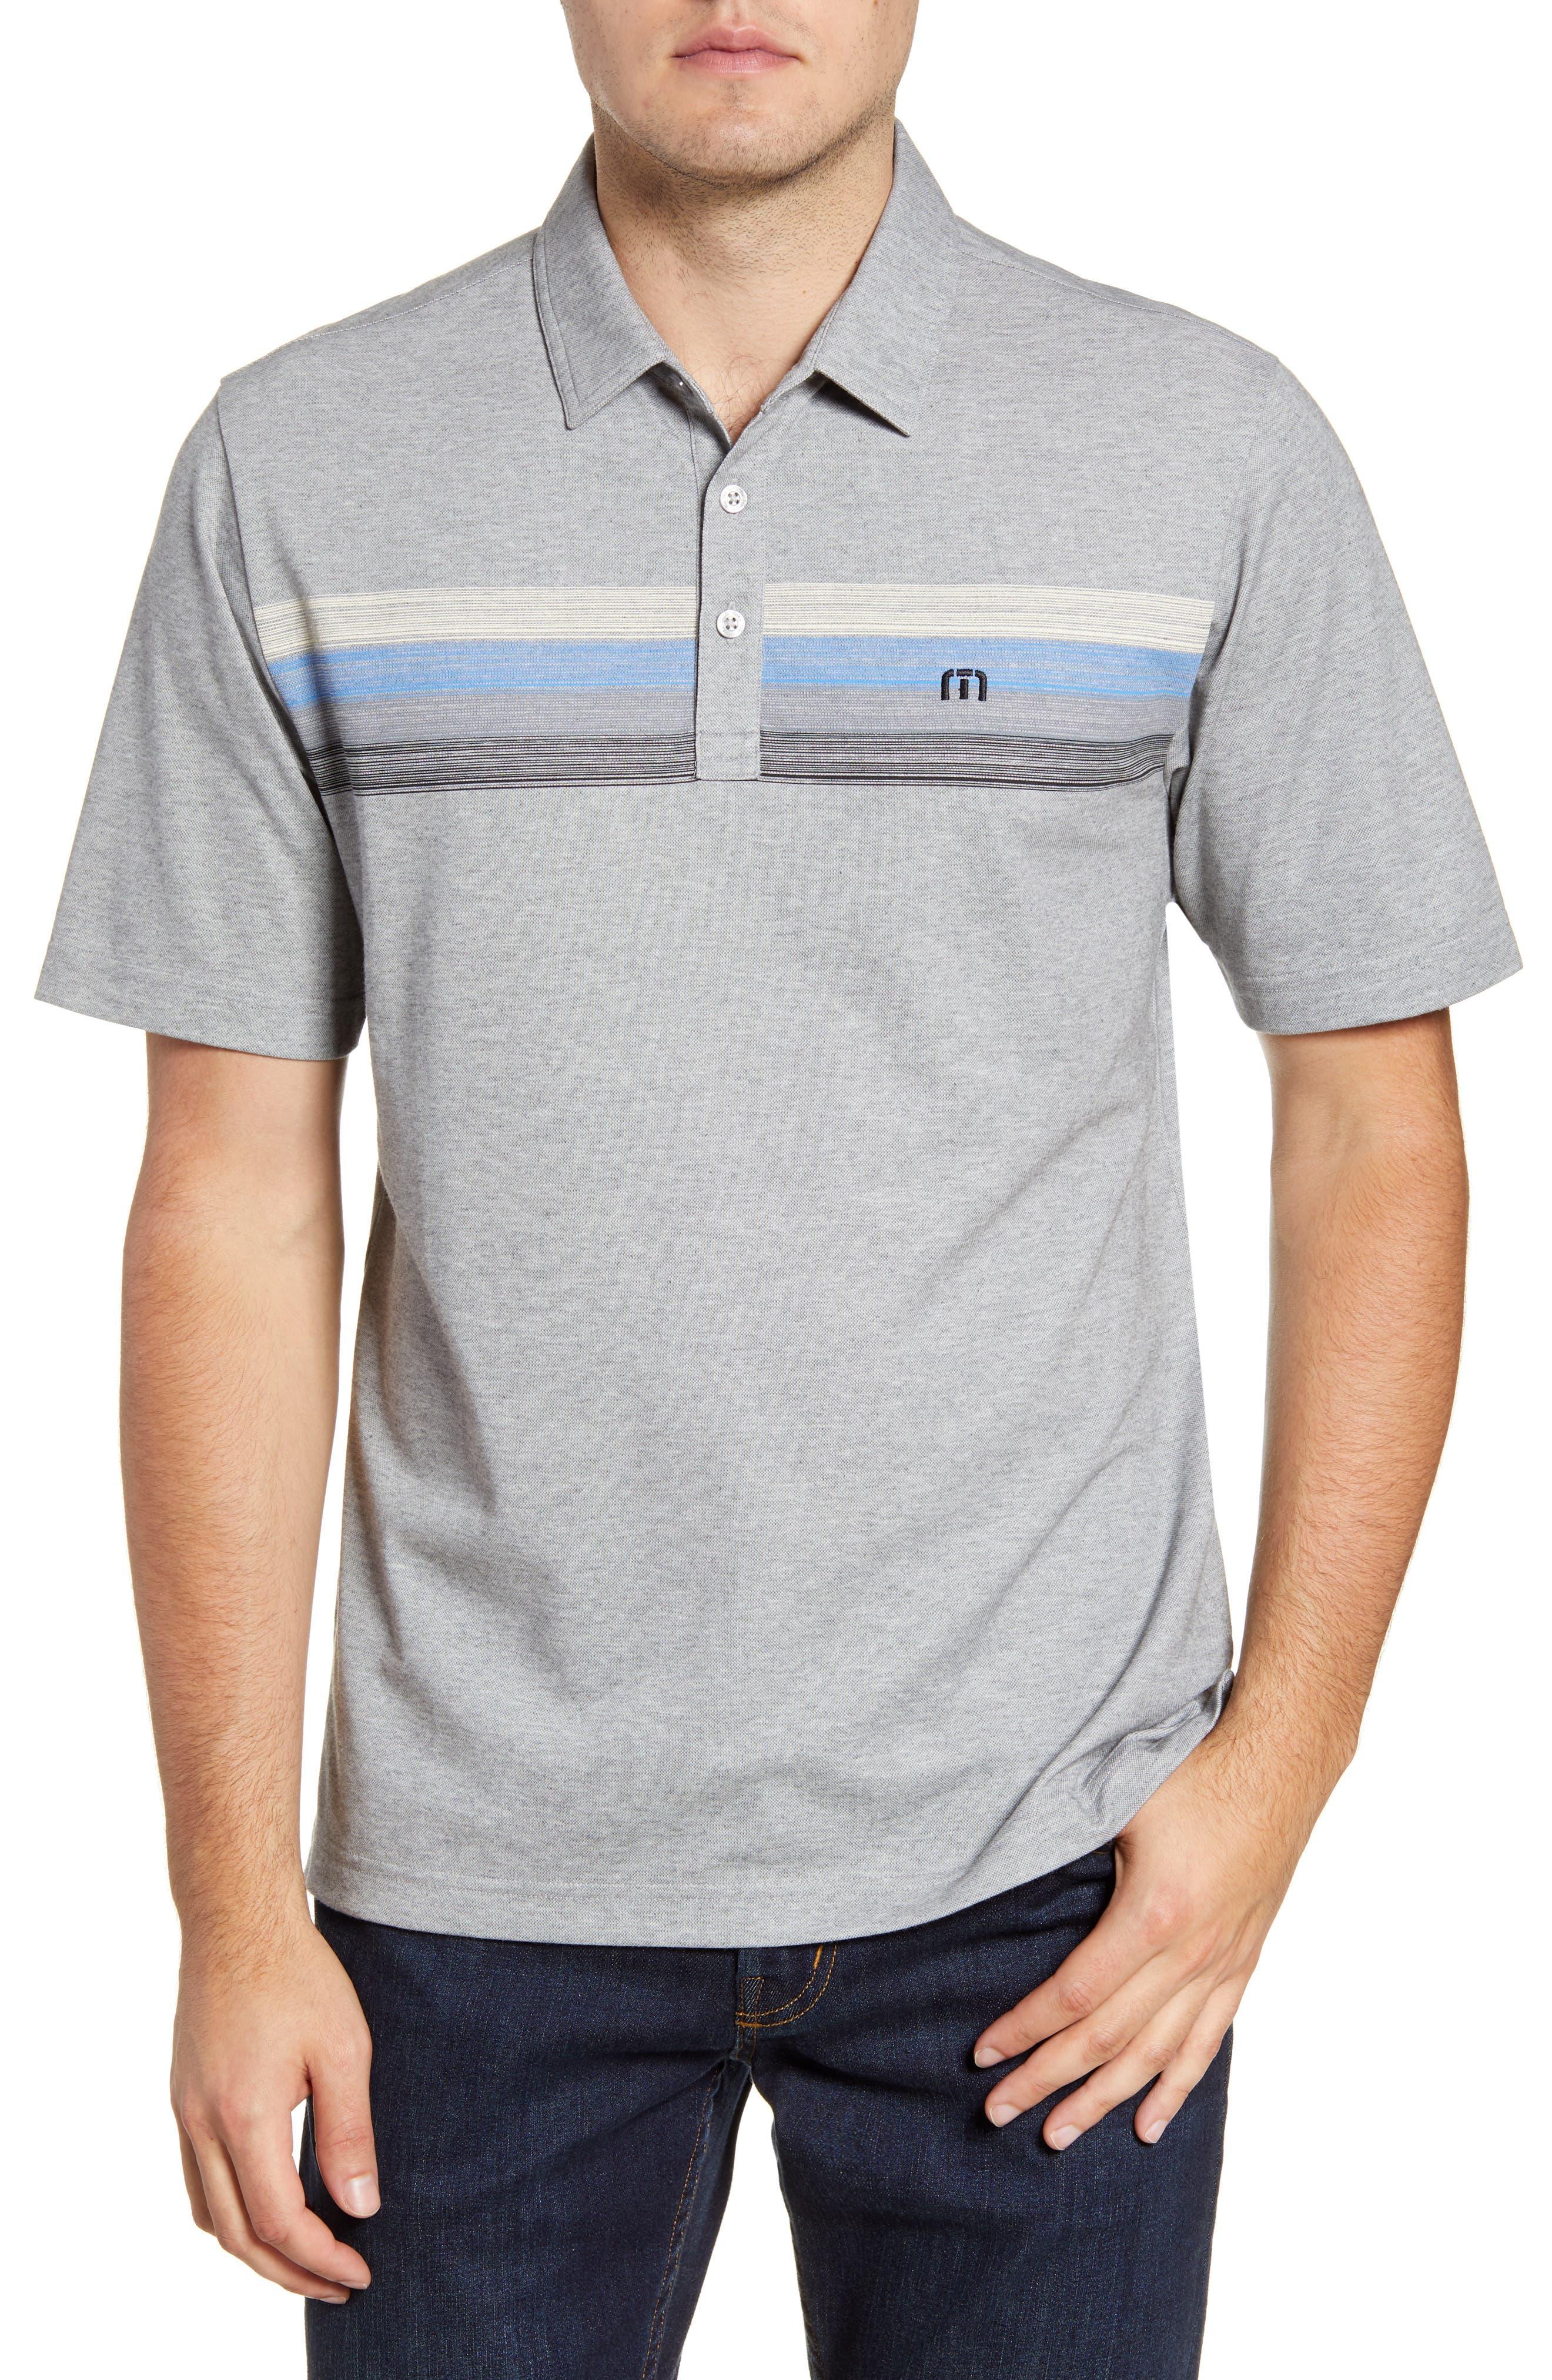 Image of TRAVIS MATHEW Mindsurfing Short Sleeve Polo